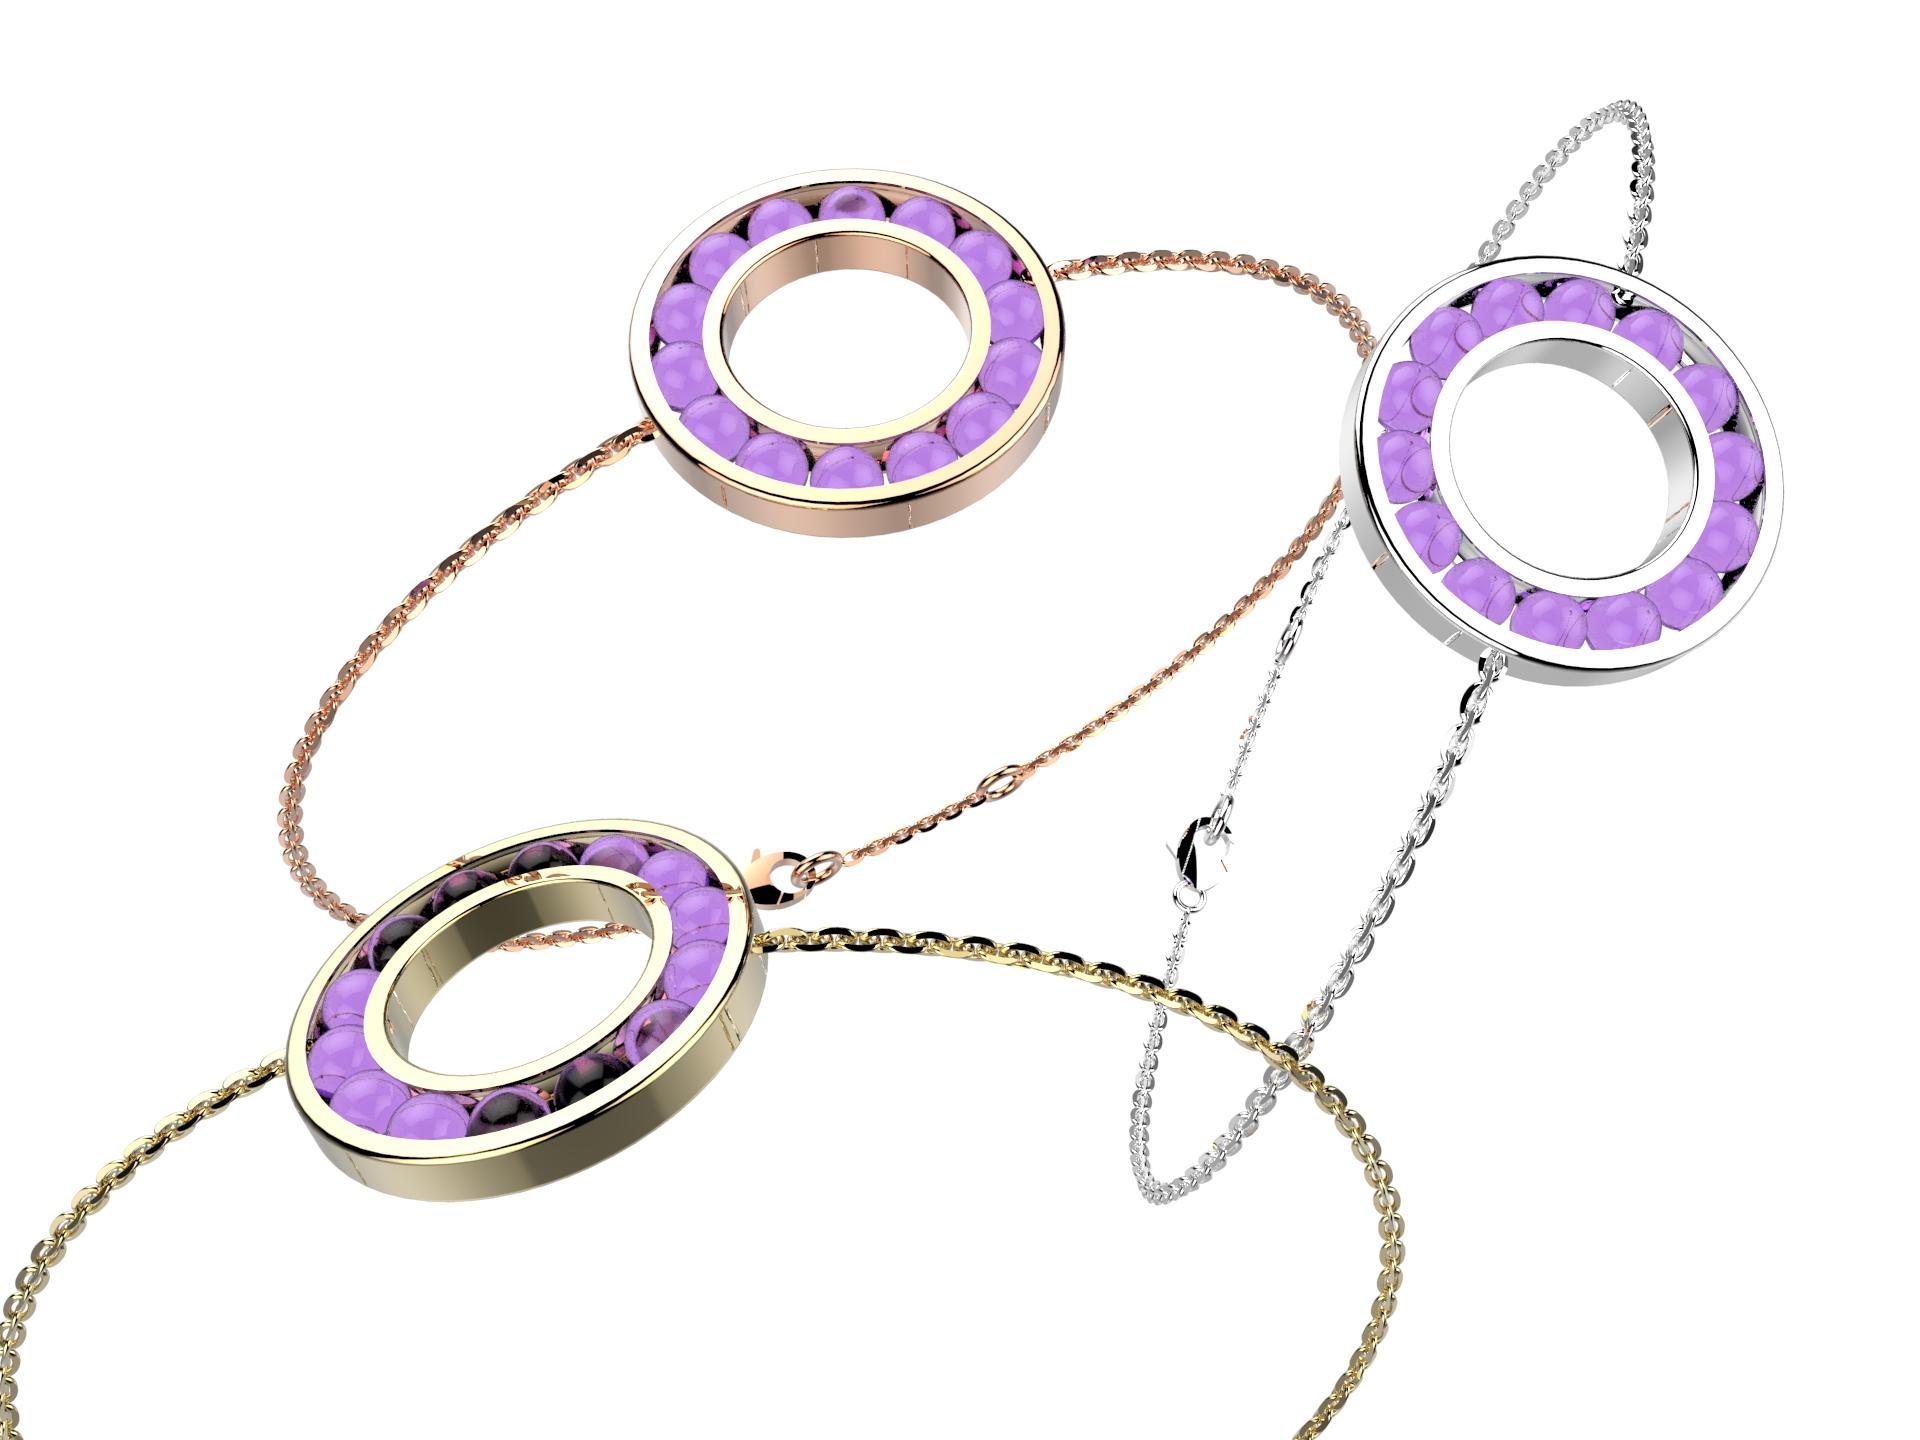 Bracelet chaine or améthyste 720 €